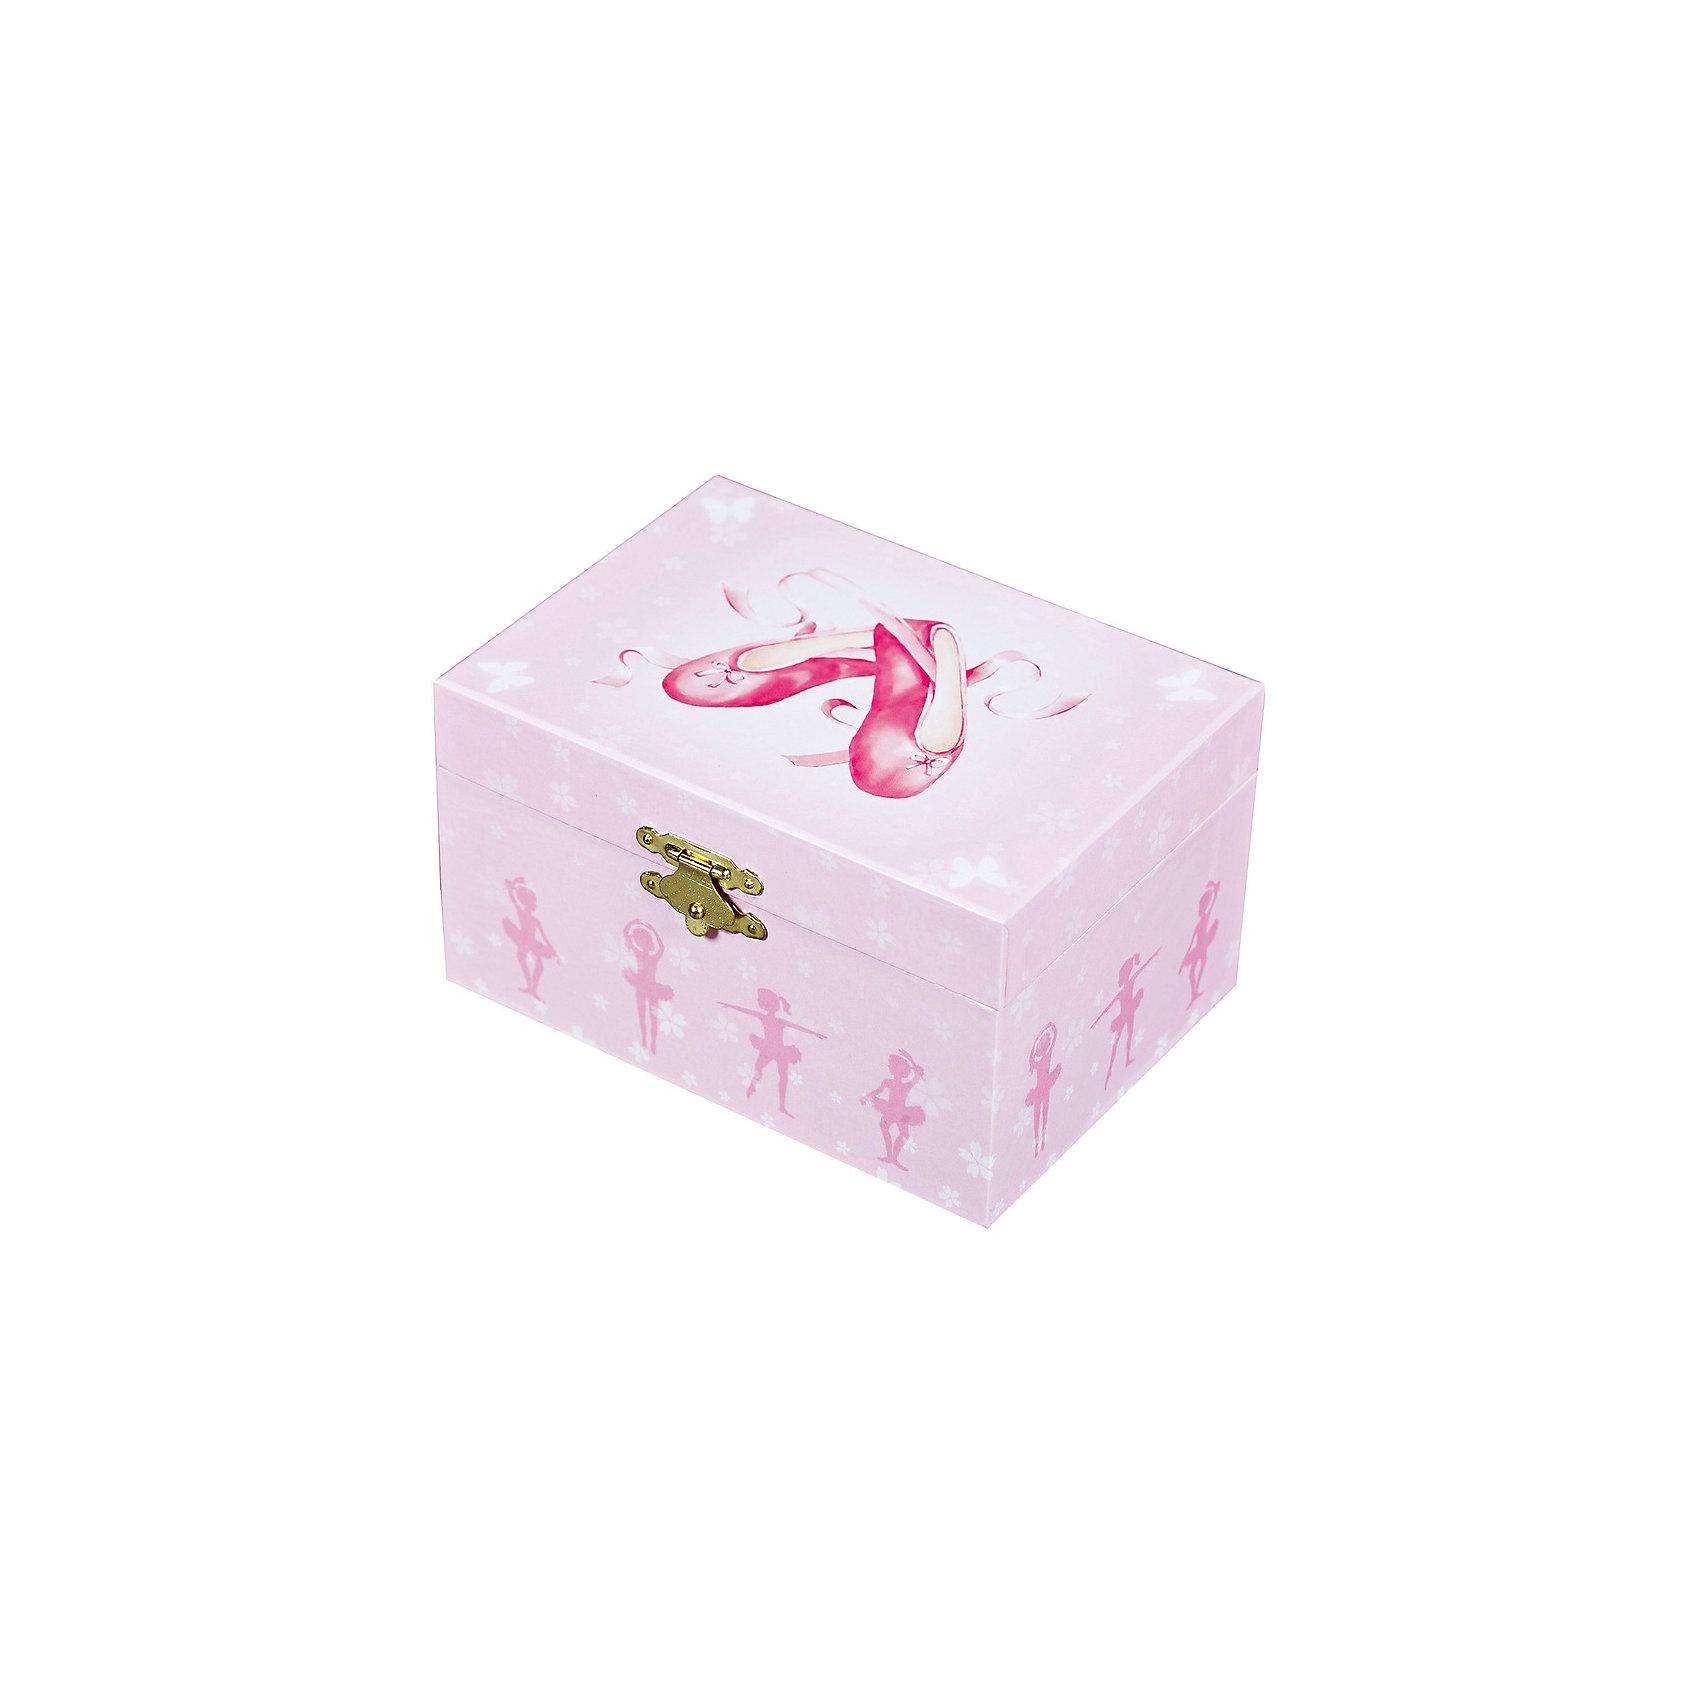 Музыкальная шкатулка Пуанты Ballerina Shoes, Trousselier, pinkМузыкальная шкатулка - это мечта множества девчонок. Подарите девочке настоящую музыкальную шкатулку с заводным механизмом от французской компании Trousselier. Шкатулка проигрывает приятную мелодию.<br>Она выглядит очень красиво - на ней симпатичная картинка. Внутри шкатулки даже есть место для хранения разных мелочей и зеркальце. Изделие произведено из высококачественных материалов, и соответствует европейским стандартам безопасности.<br><br>Дополнительная информация:<br><br>цвет: розовый;<br>материал: дерево;<br>внутри зеркало;<br>заводной механизм;<br>размер: 11 х 11 х 9 см.<br><br>Музыкальную шкатулку Пуанты Ballerina Shoes от французской компании Trousselier можно купить в нашем магазине.<br><br>Ширина мм: 150<br>Глубина мм: 80<br>Высота мм: 105<br>Вес г: 760<br>Возраст от месяцев: 12<br>Возраст до месяцев: 216<br>Пол: Женский<br>Возраст: Детский<br>SKU: 4961850